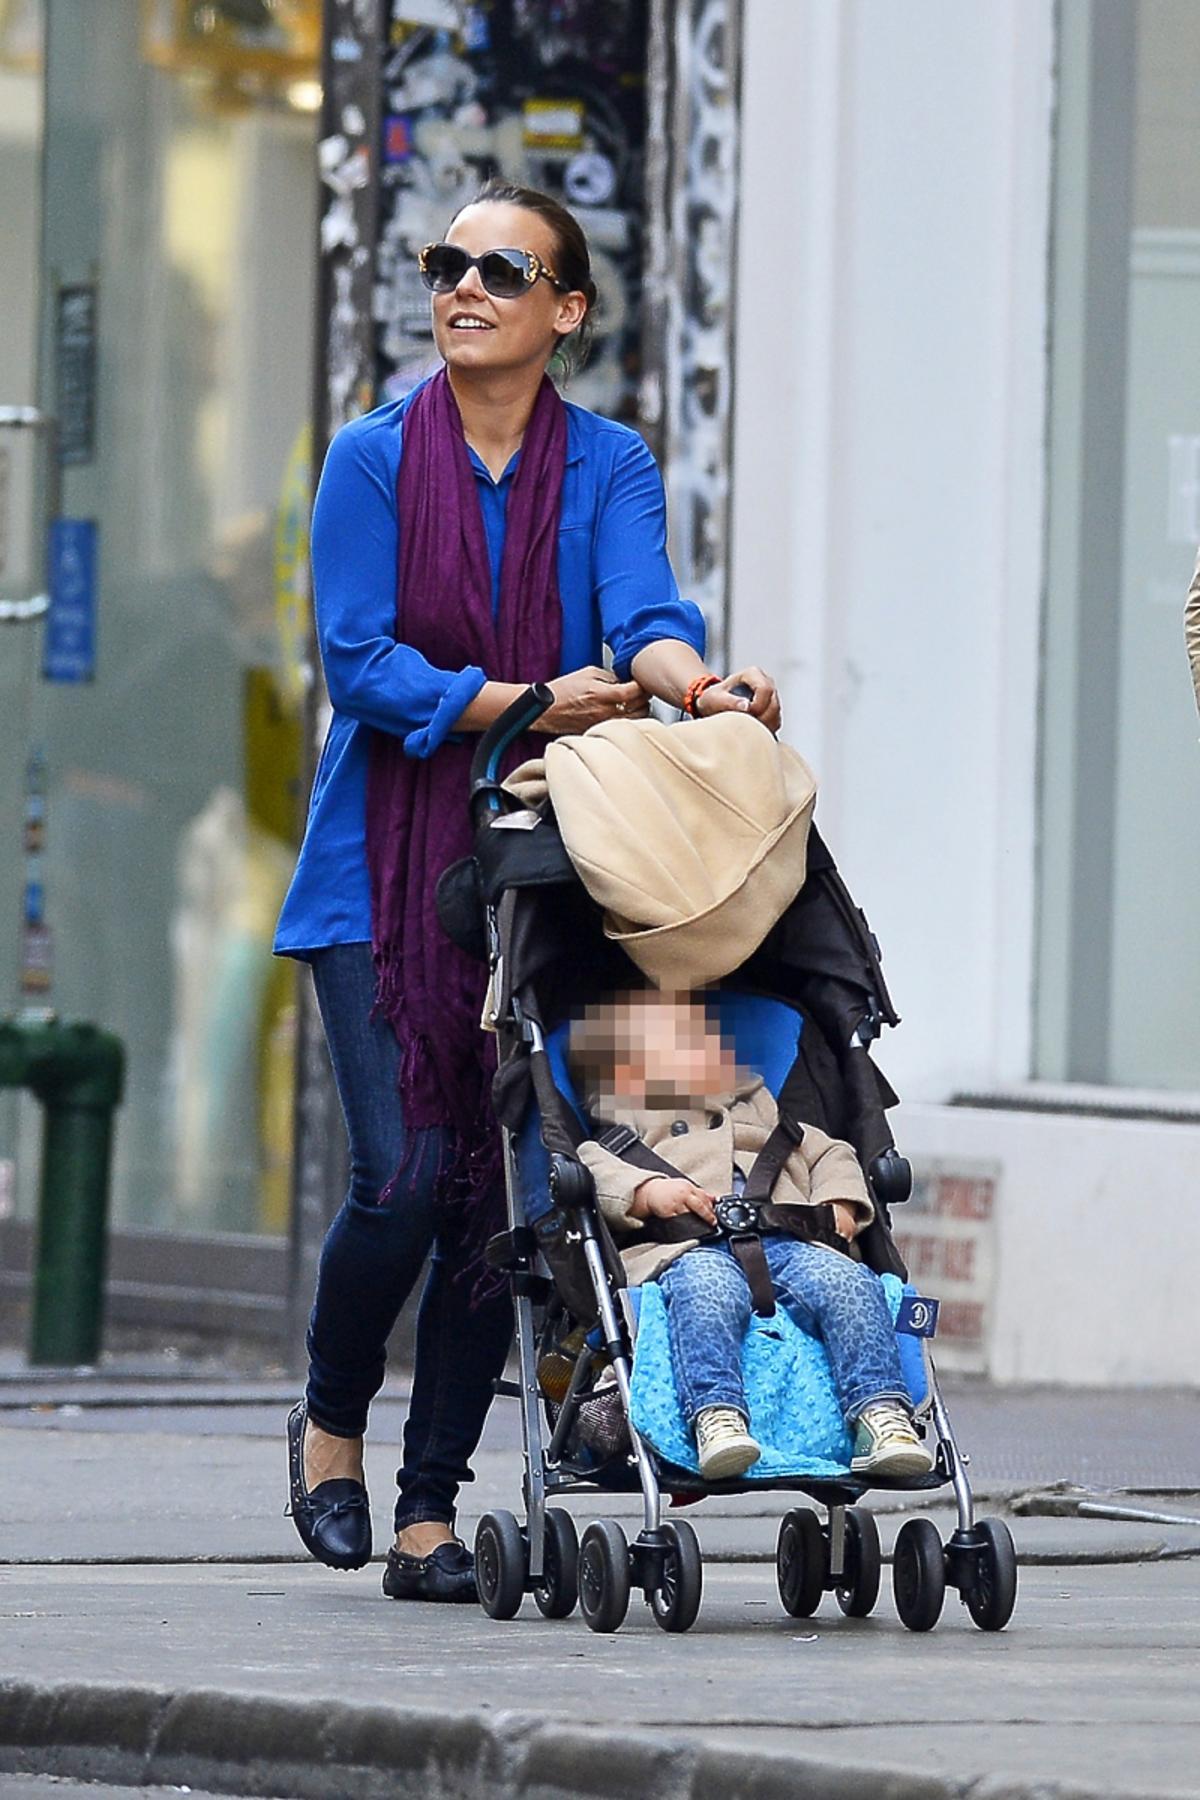 Anna Mucha prowadz dzieciecy wózek, w środku siedzi jej córka